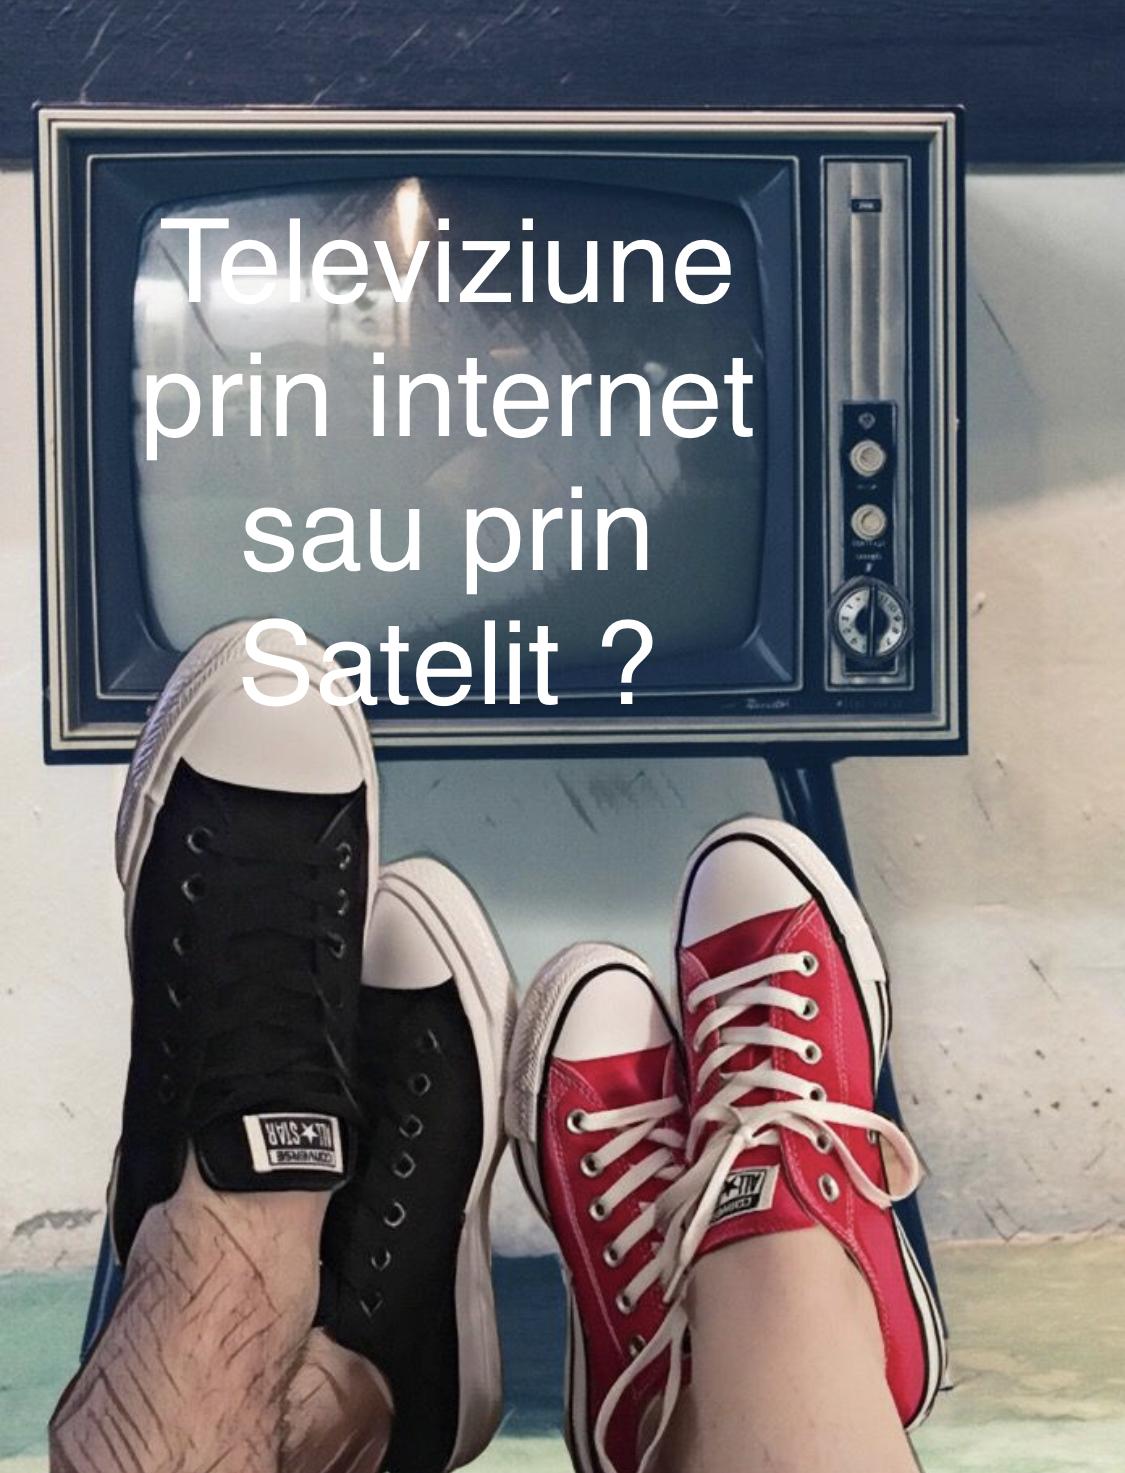 Televiziune prin satelit sau prin internet ?